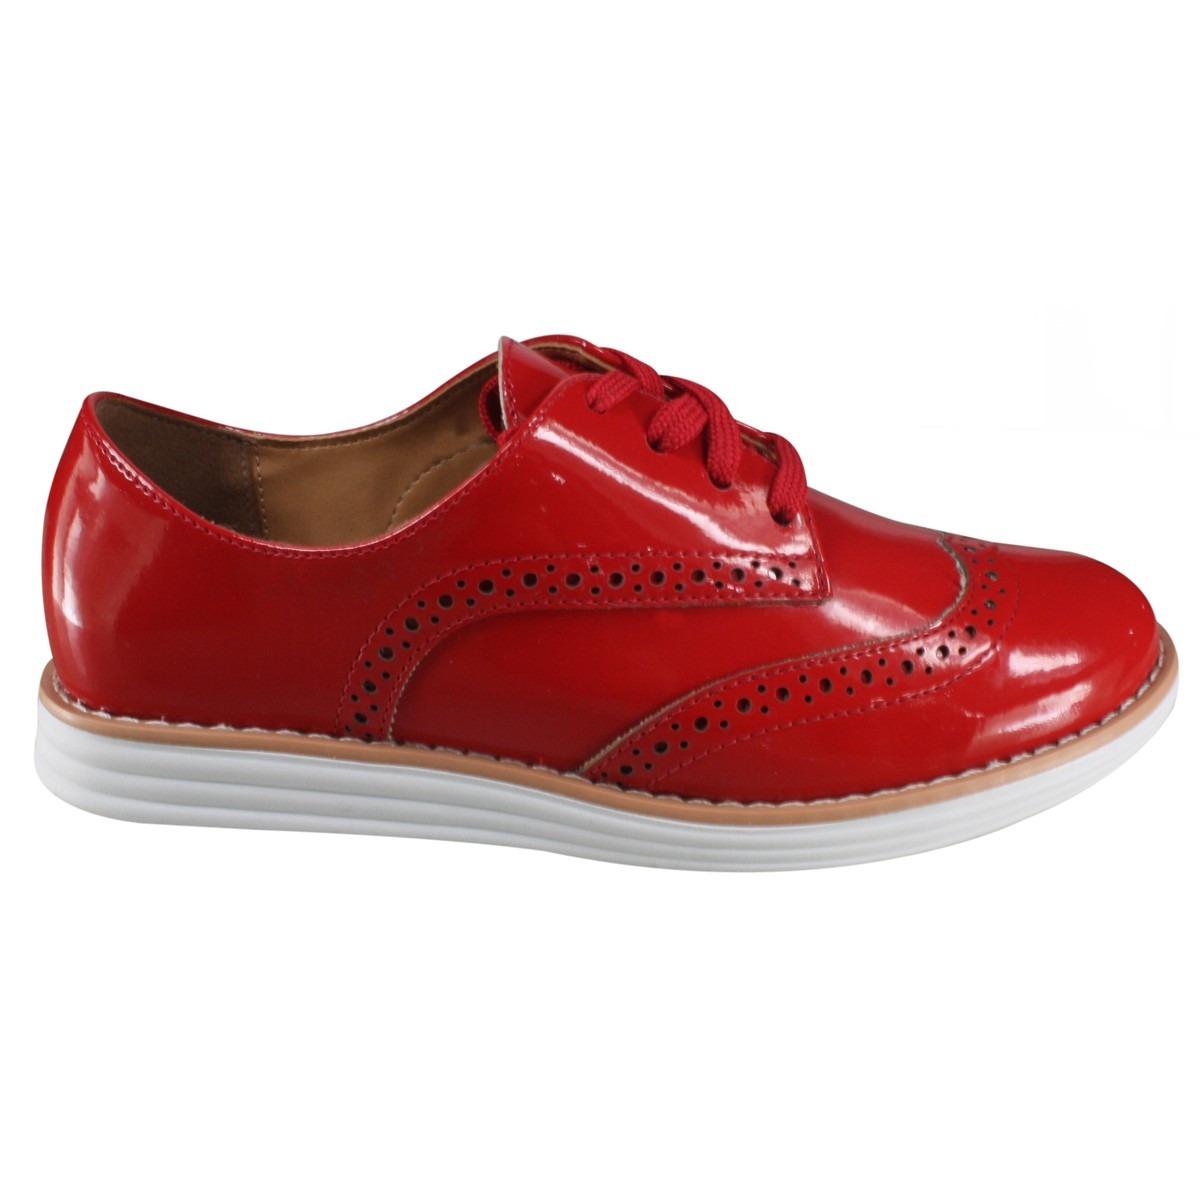 1e2a51748c oxford feminino verniz vermelho vizzano 1231.101. Carregando zoom.